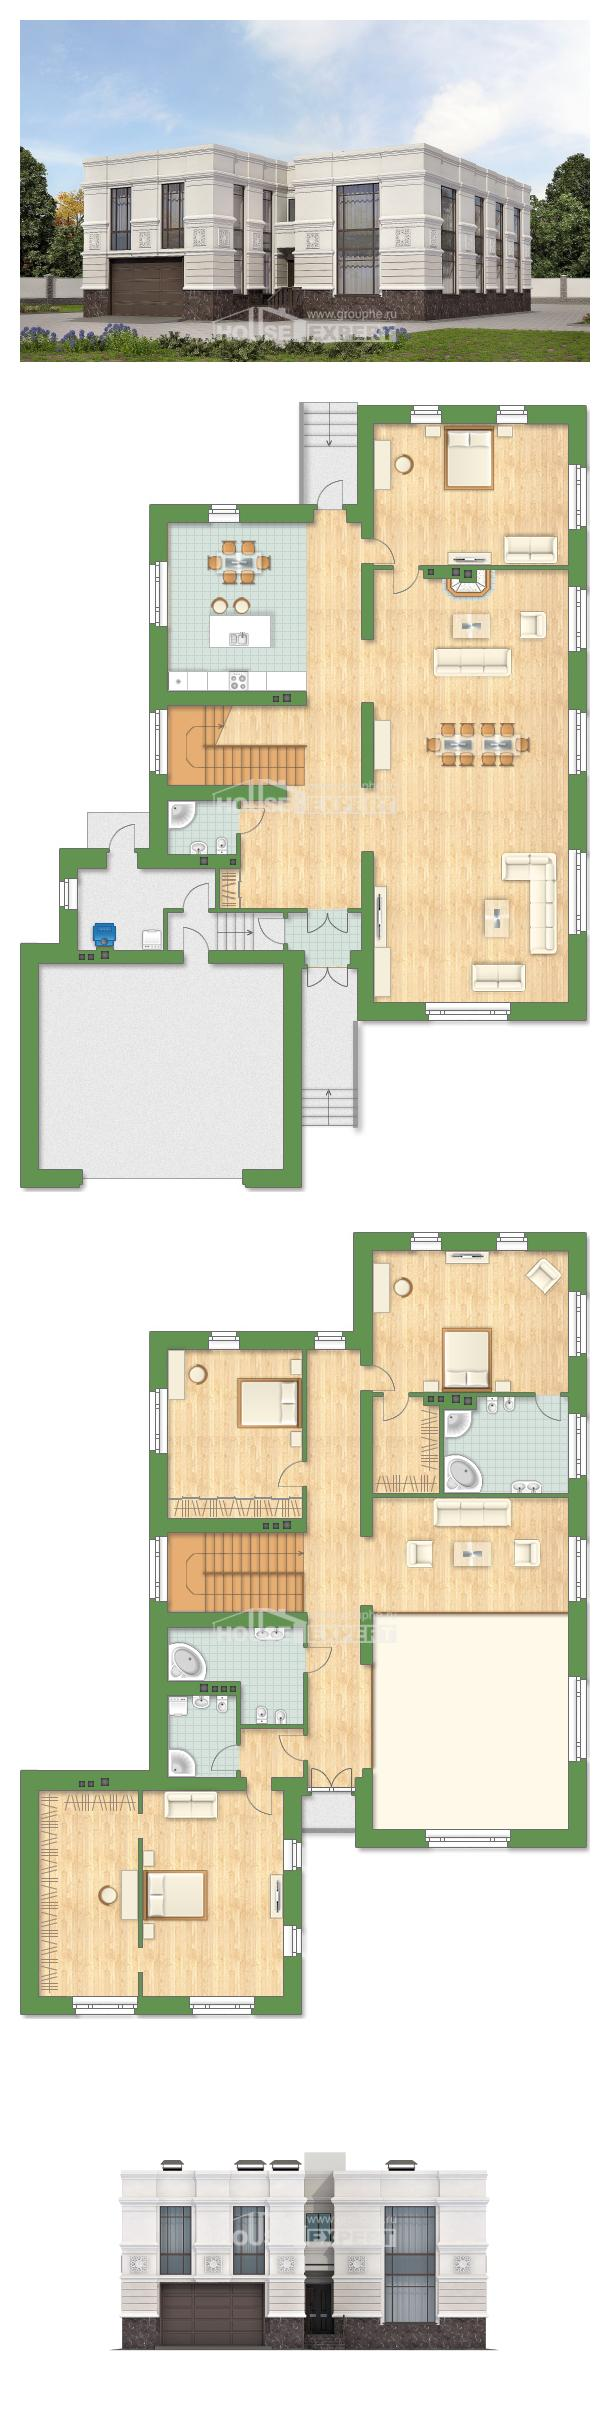 Plan 400-005-L | House Expert